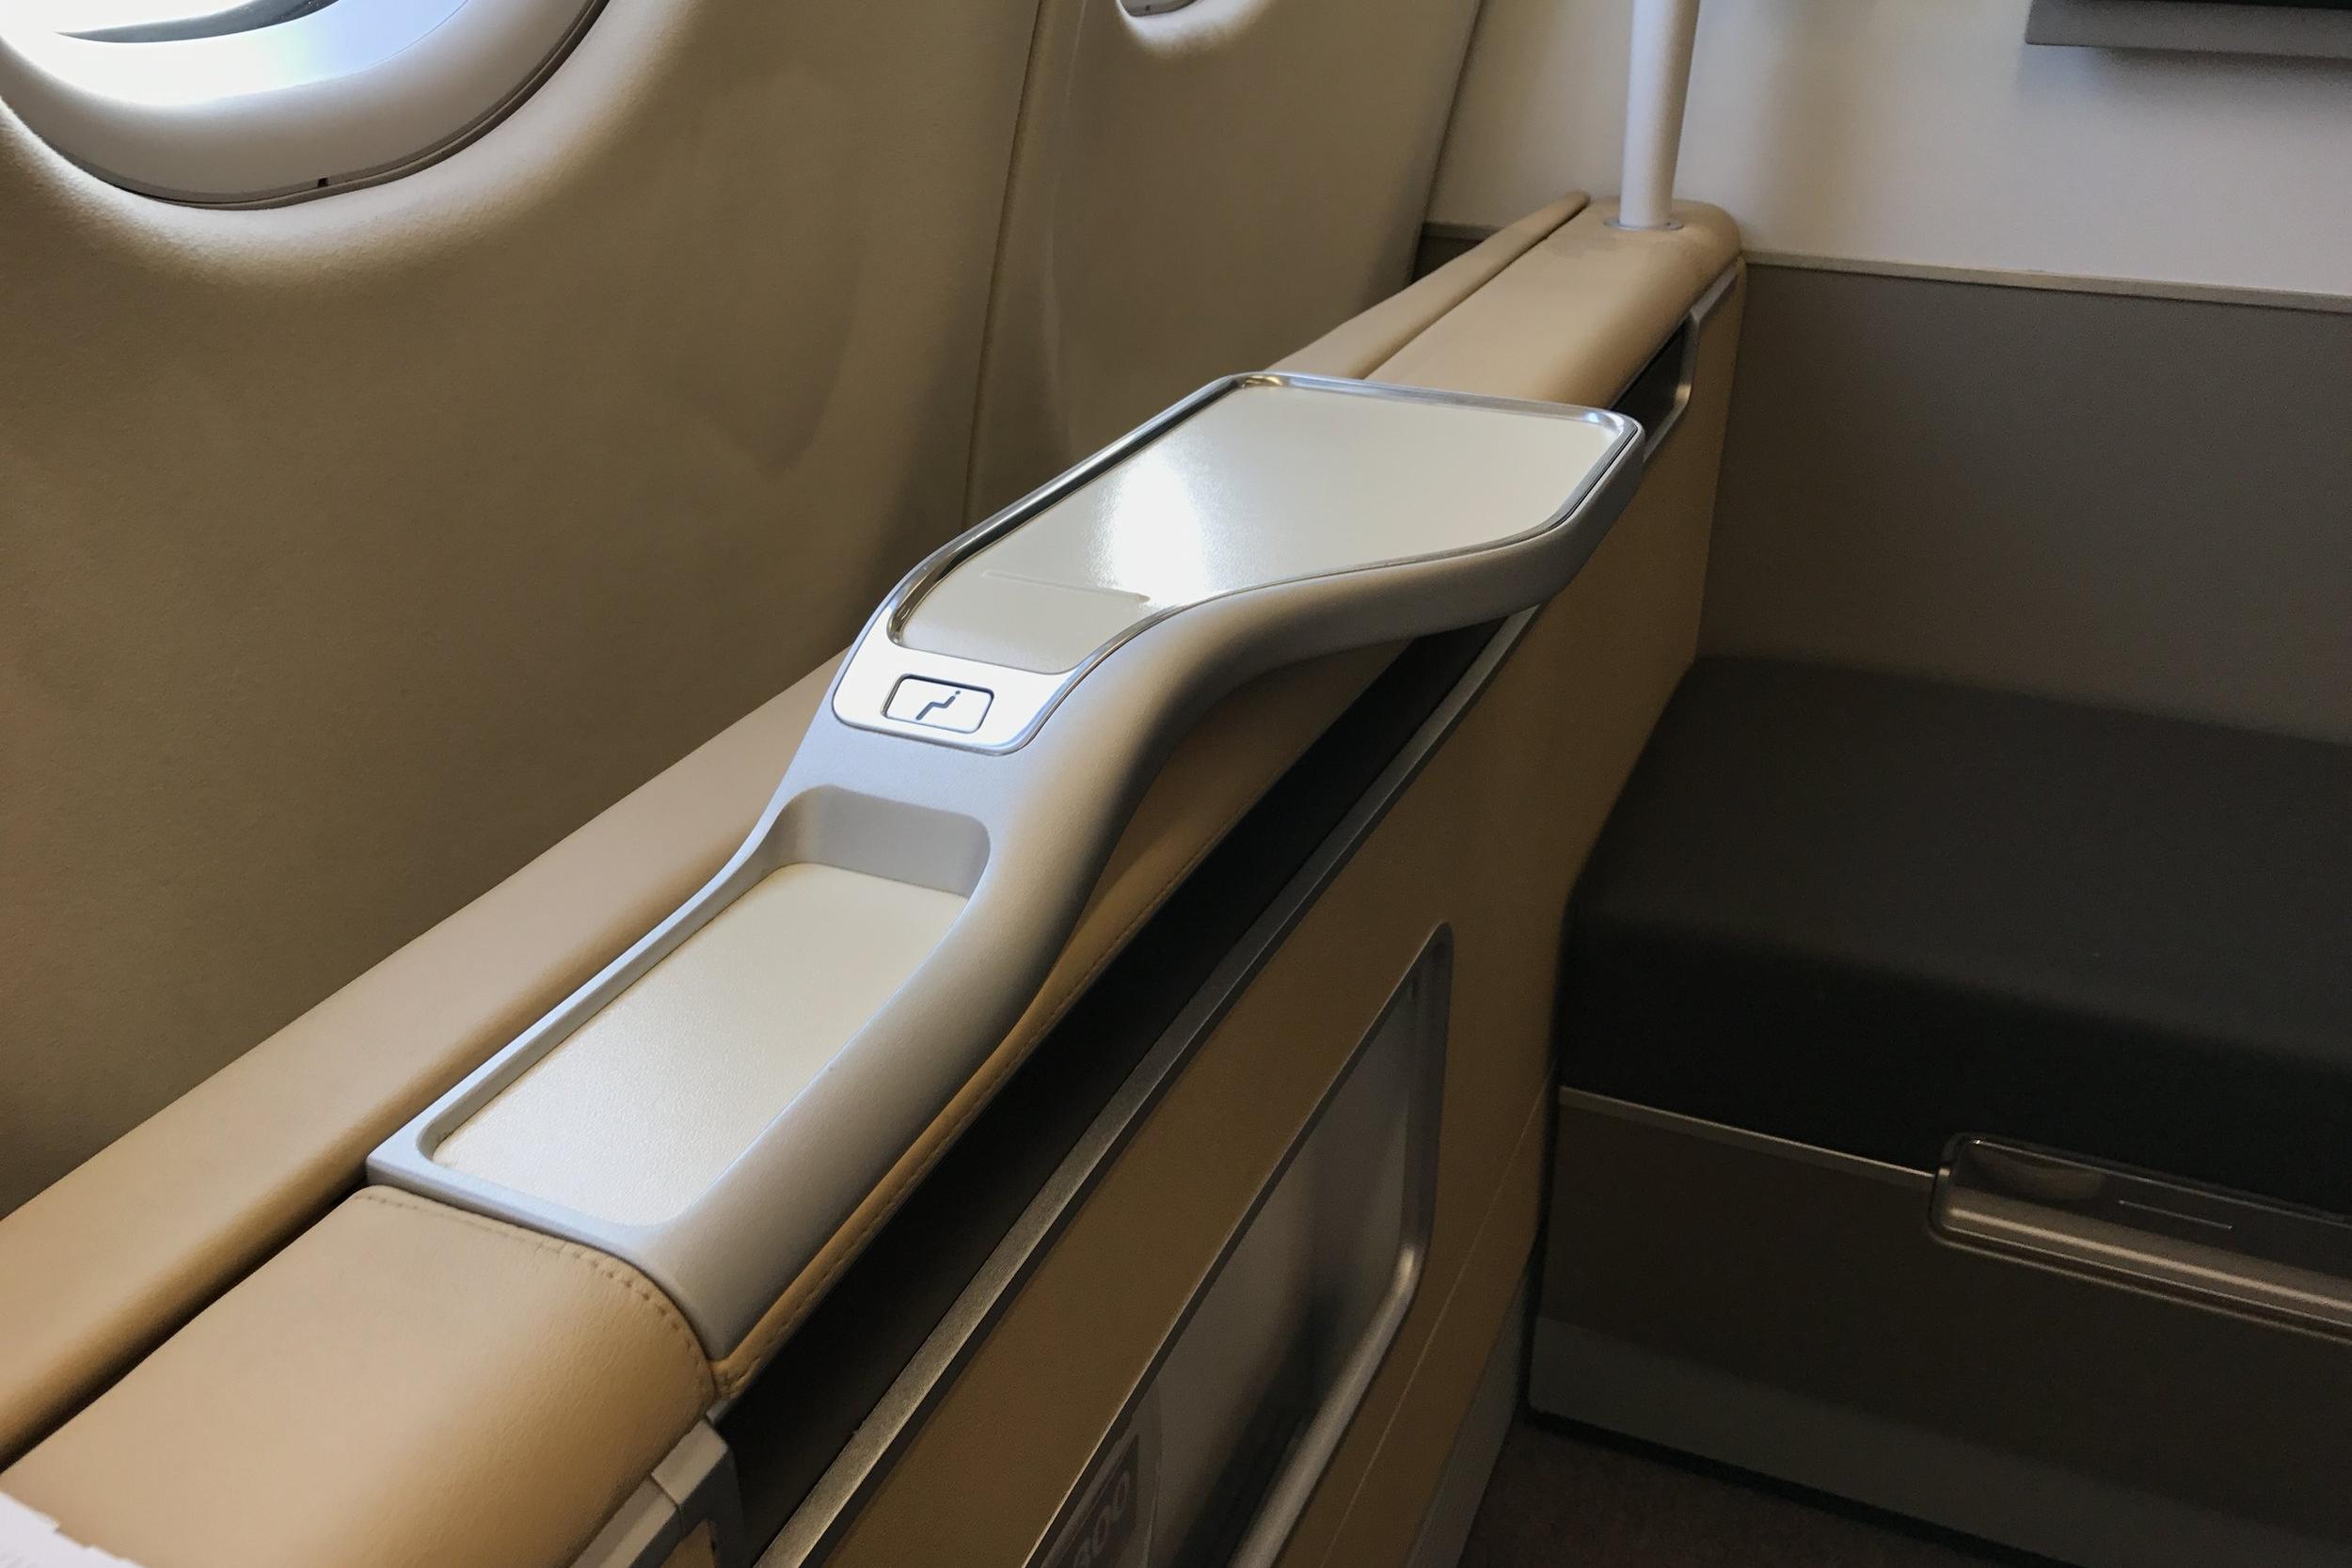 Lufthansa First Class – Countertop